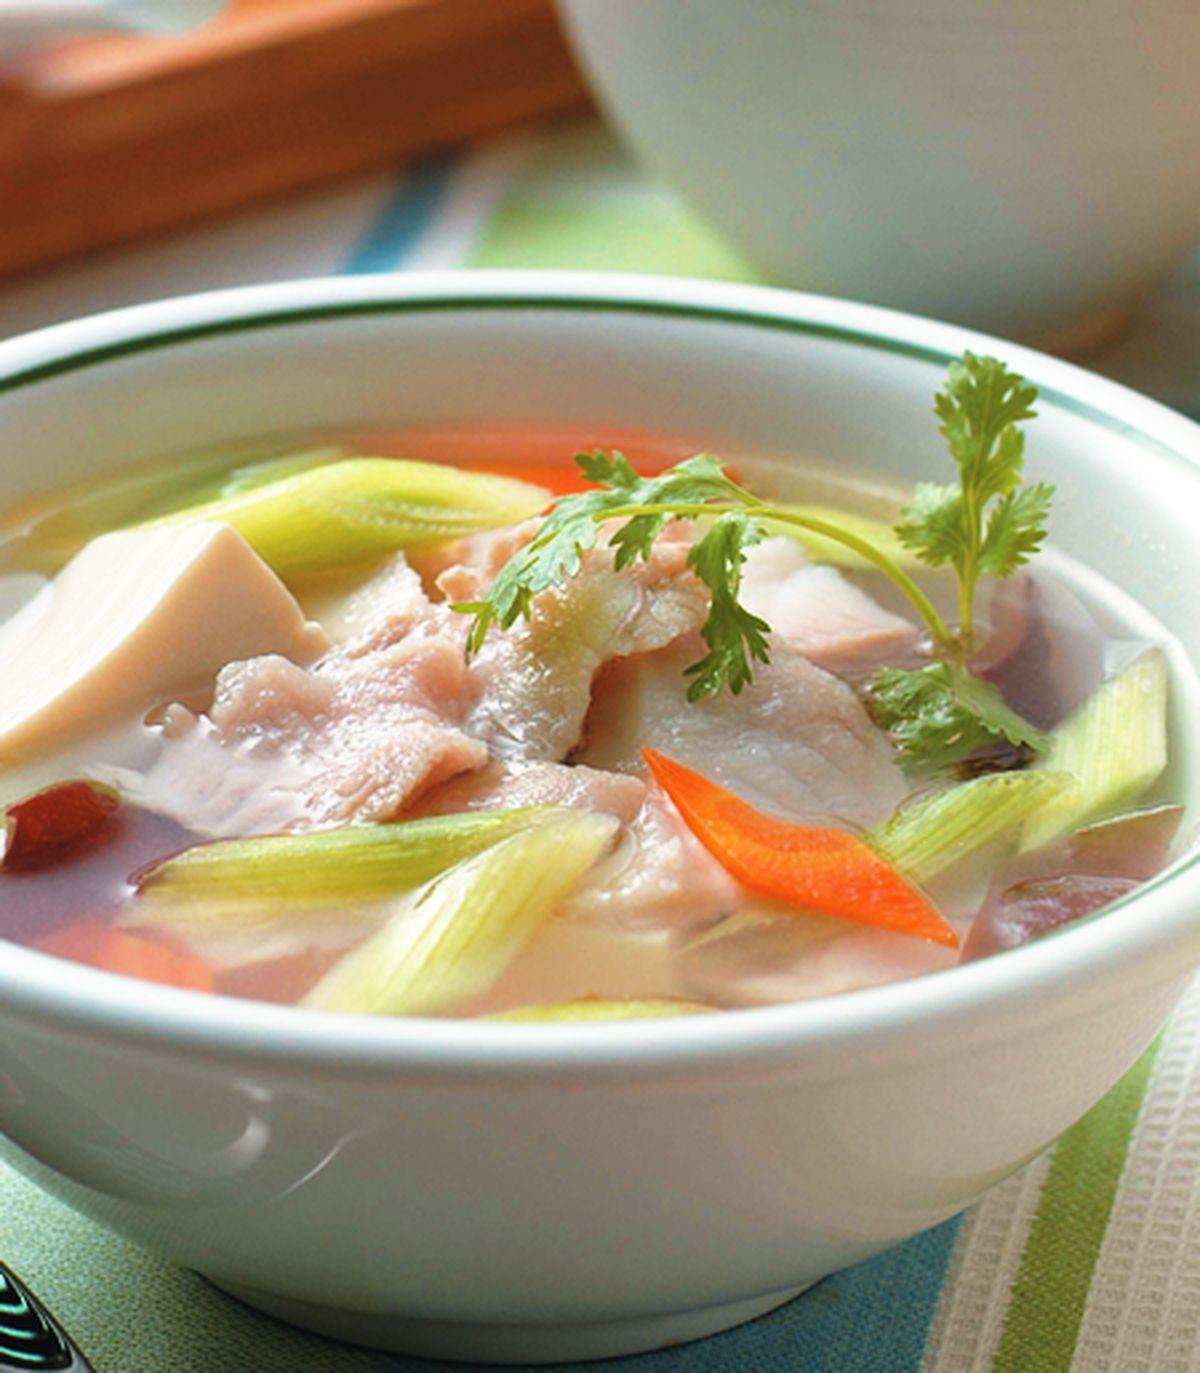 食譜:金針筍豆腐魚片湯